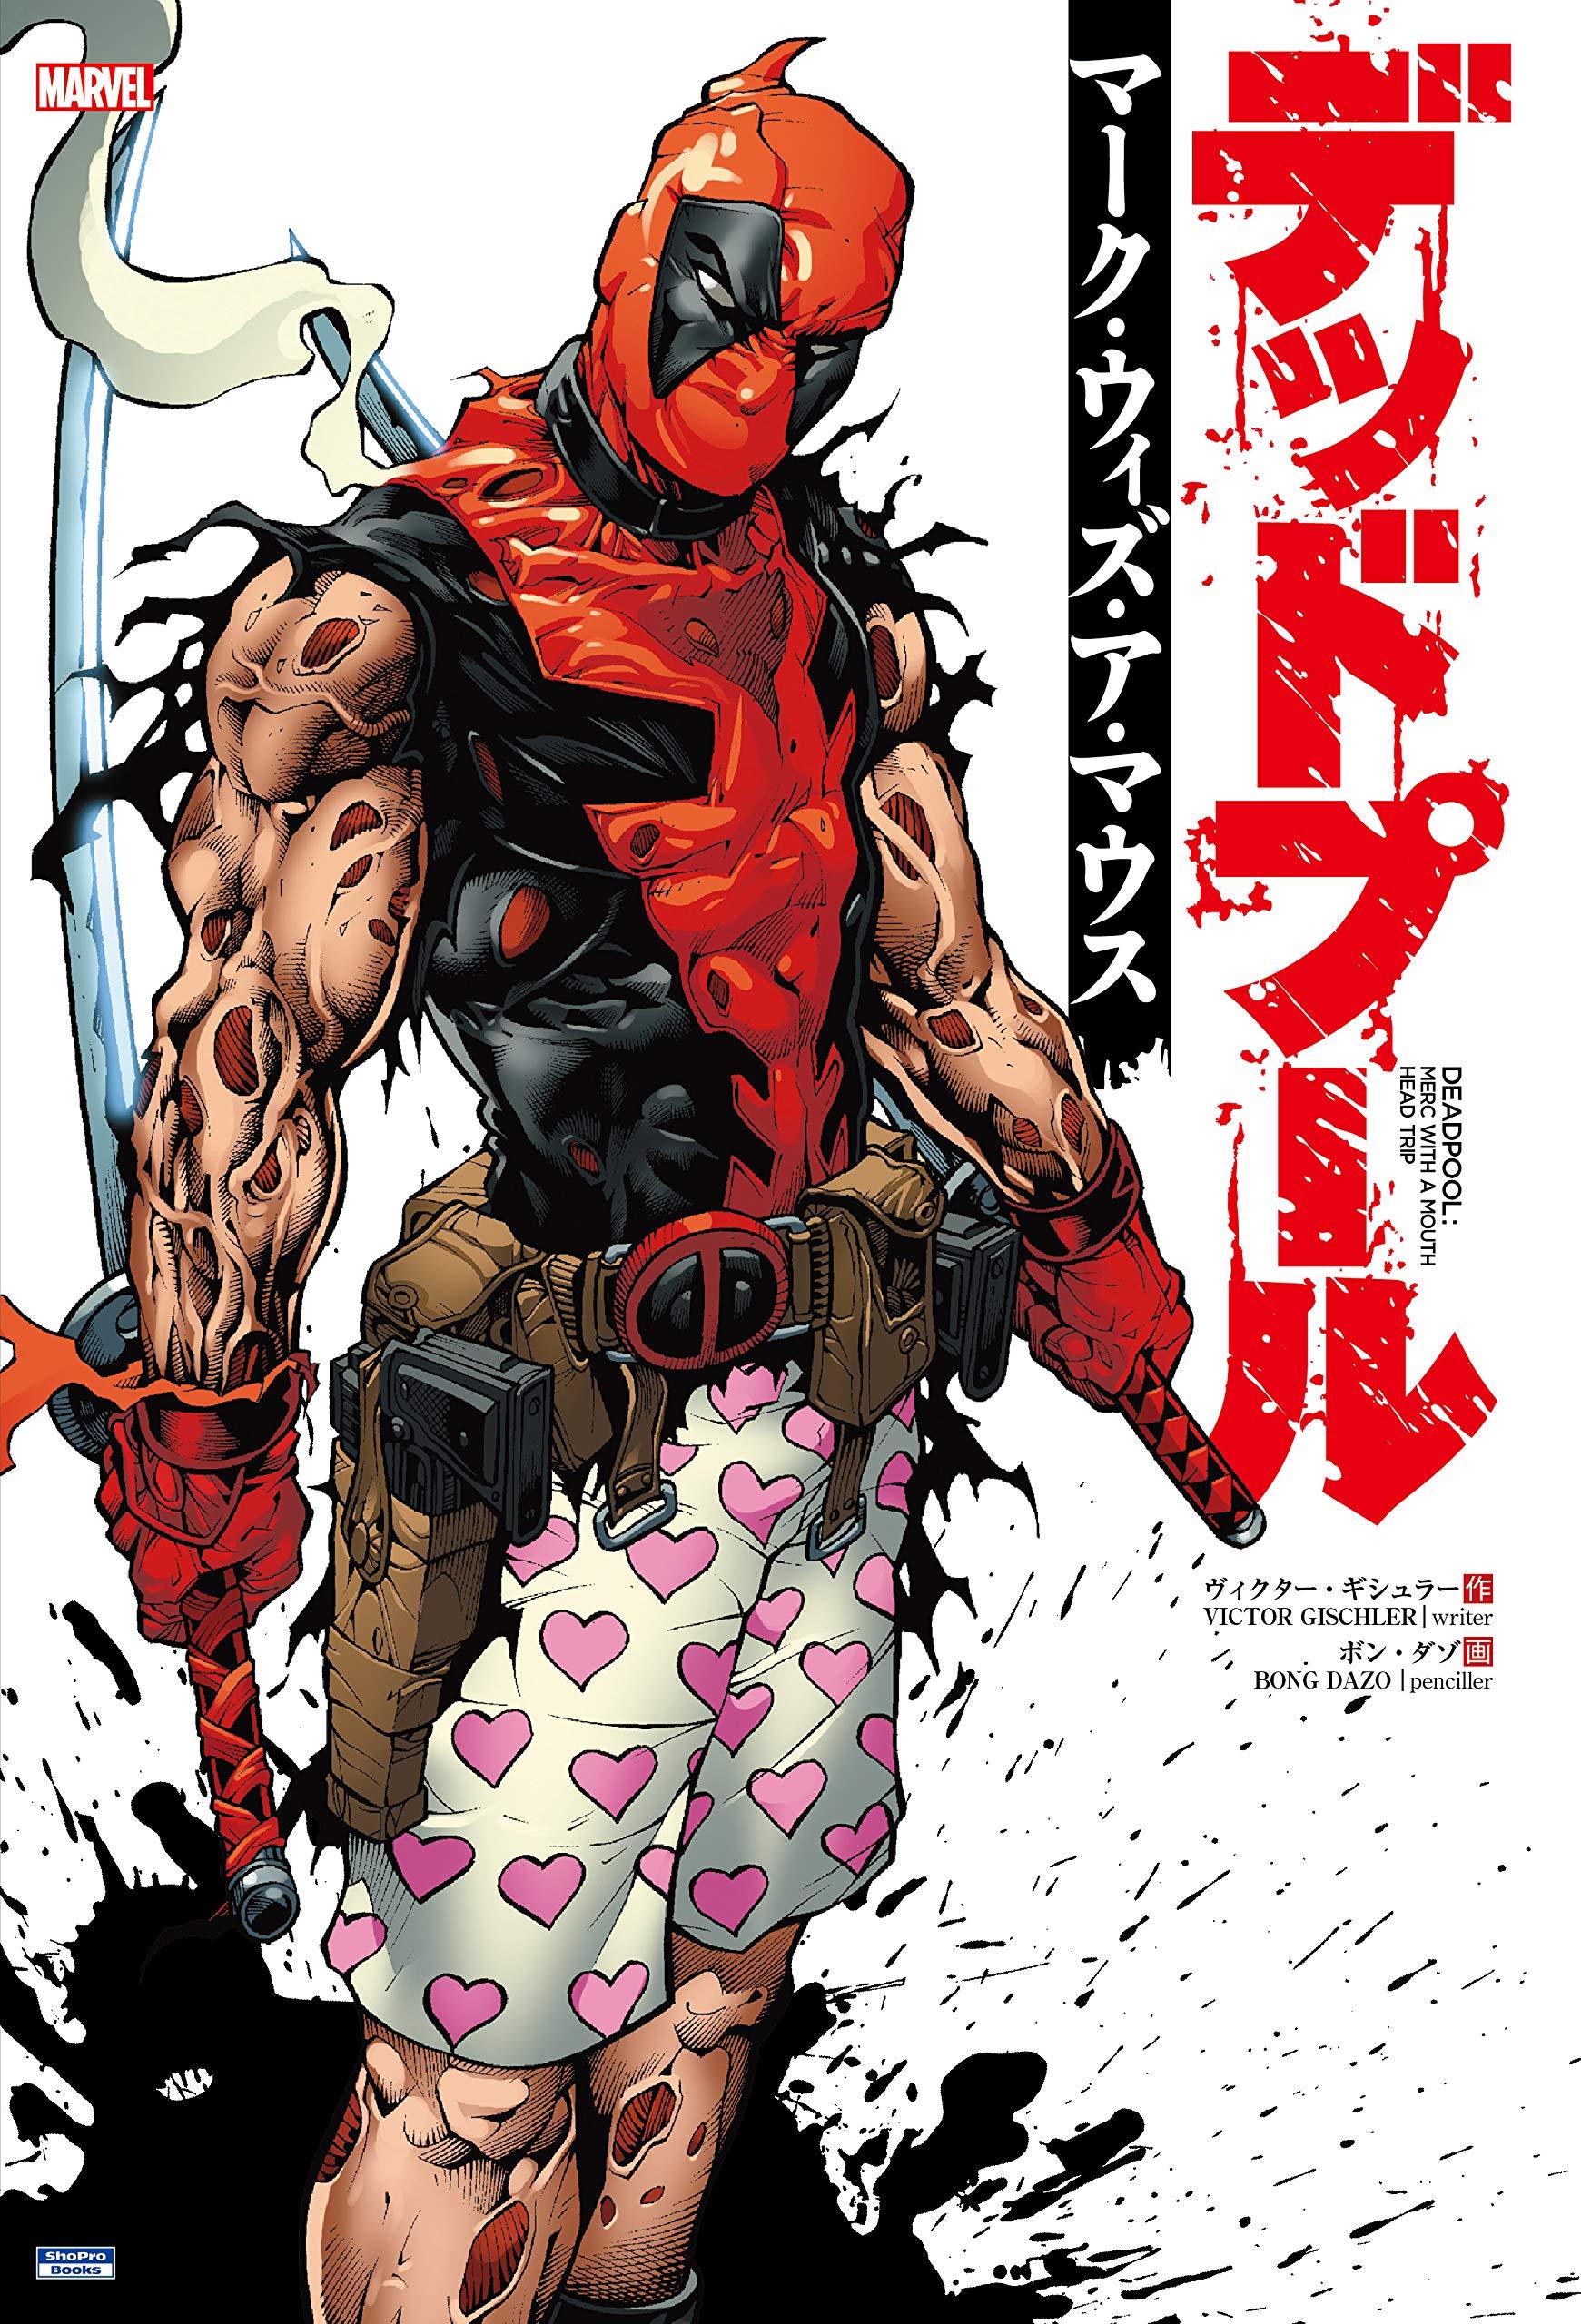 プール samurai デッド デッドプール:SAMURAI マーベル×ジャンプコラボマンガがカオスでカオスでトレンド入り:なんおも